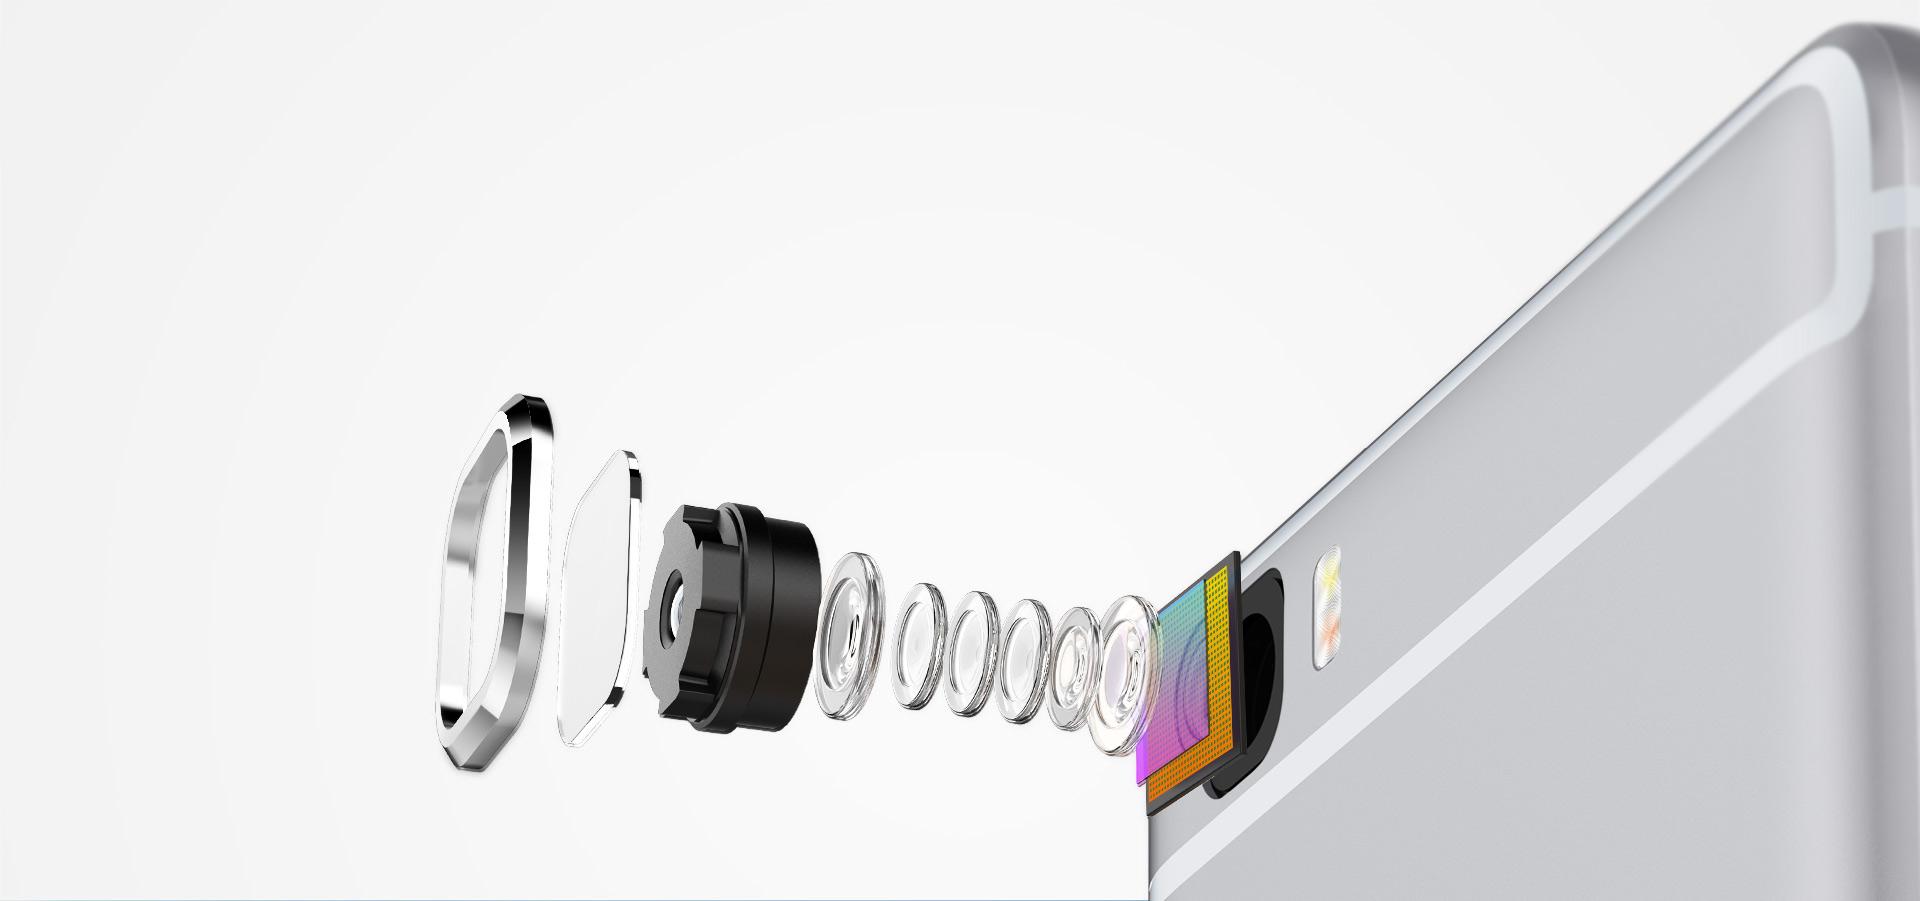 Jak fotí čínský top model Ulefone Future? [sponzorovaný článek]